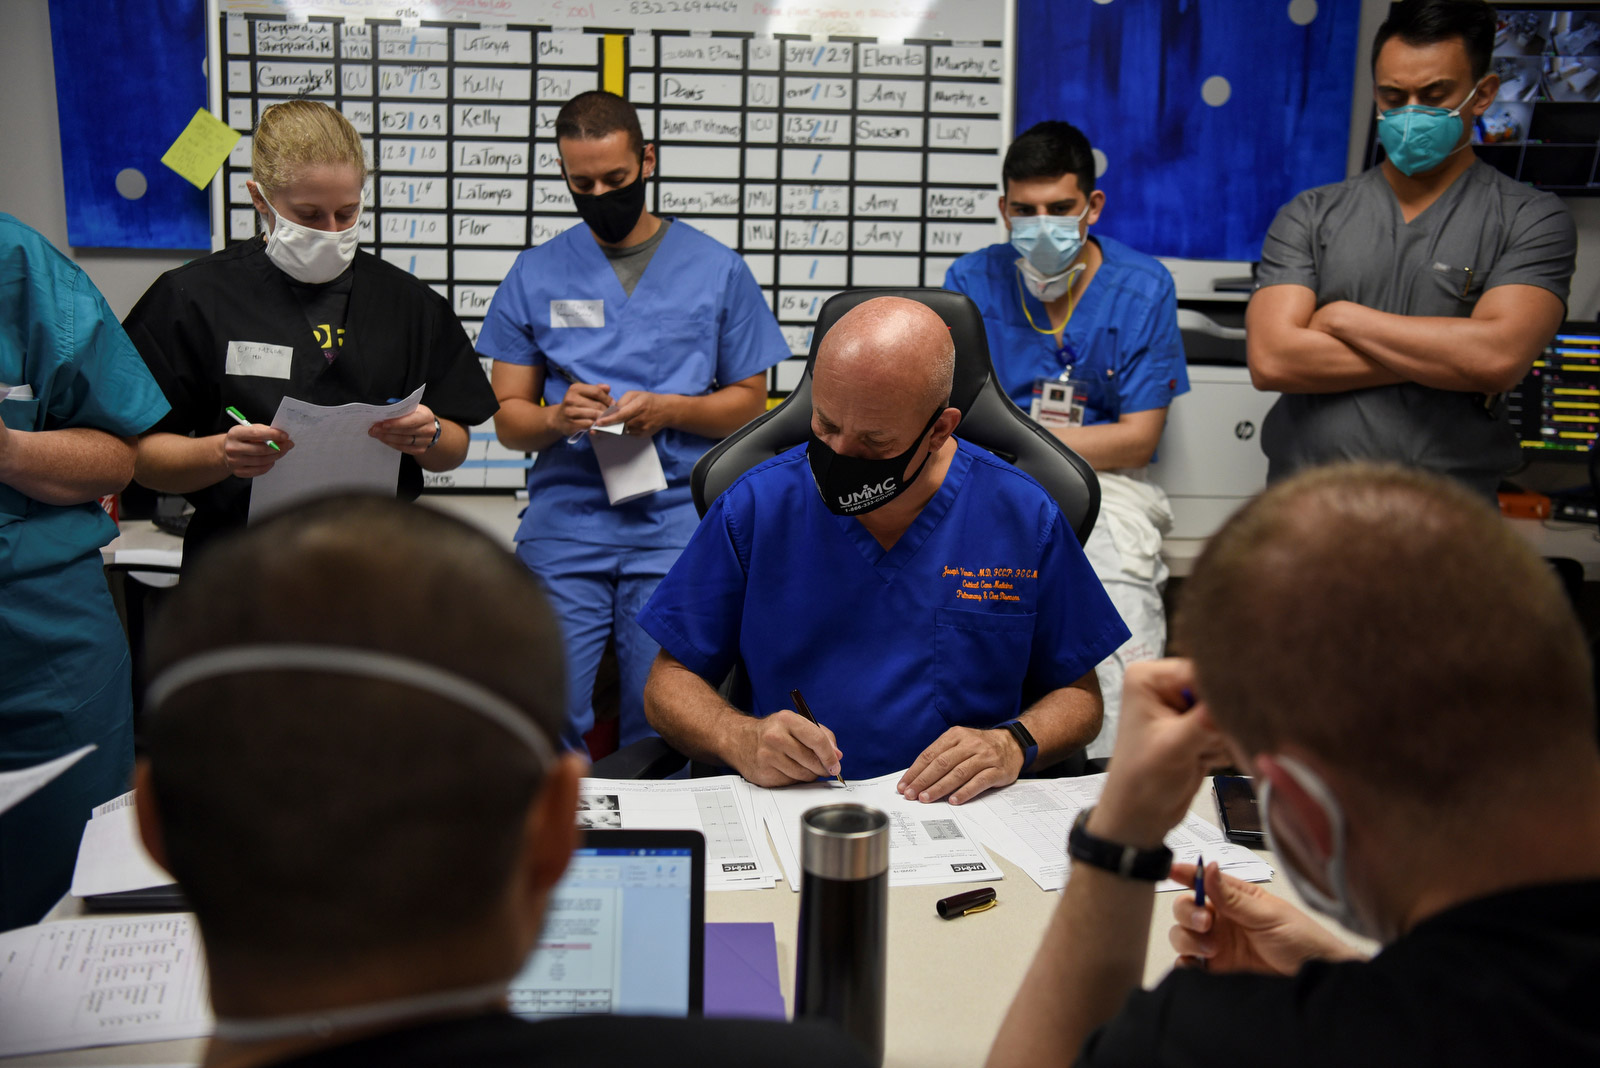 Varon en zijn team nemen tijdens een dagelijkse vergadering de patiëntendossiers door.